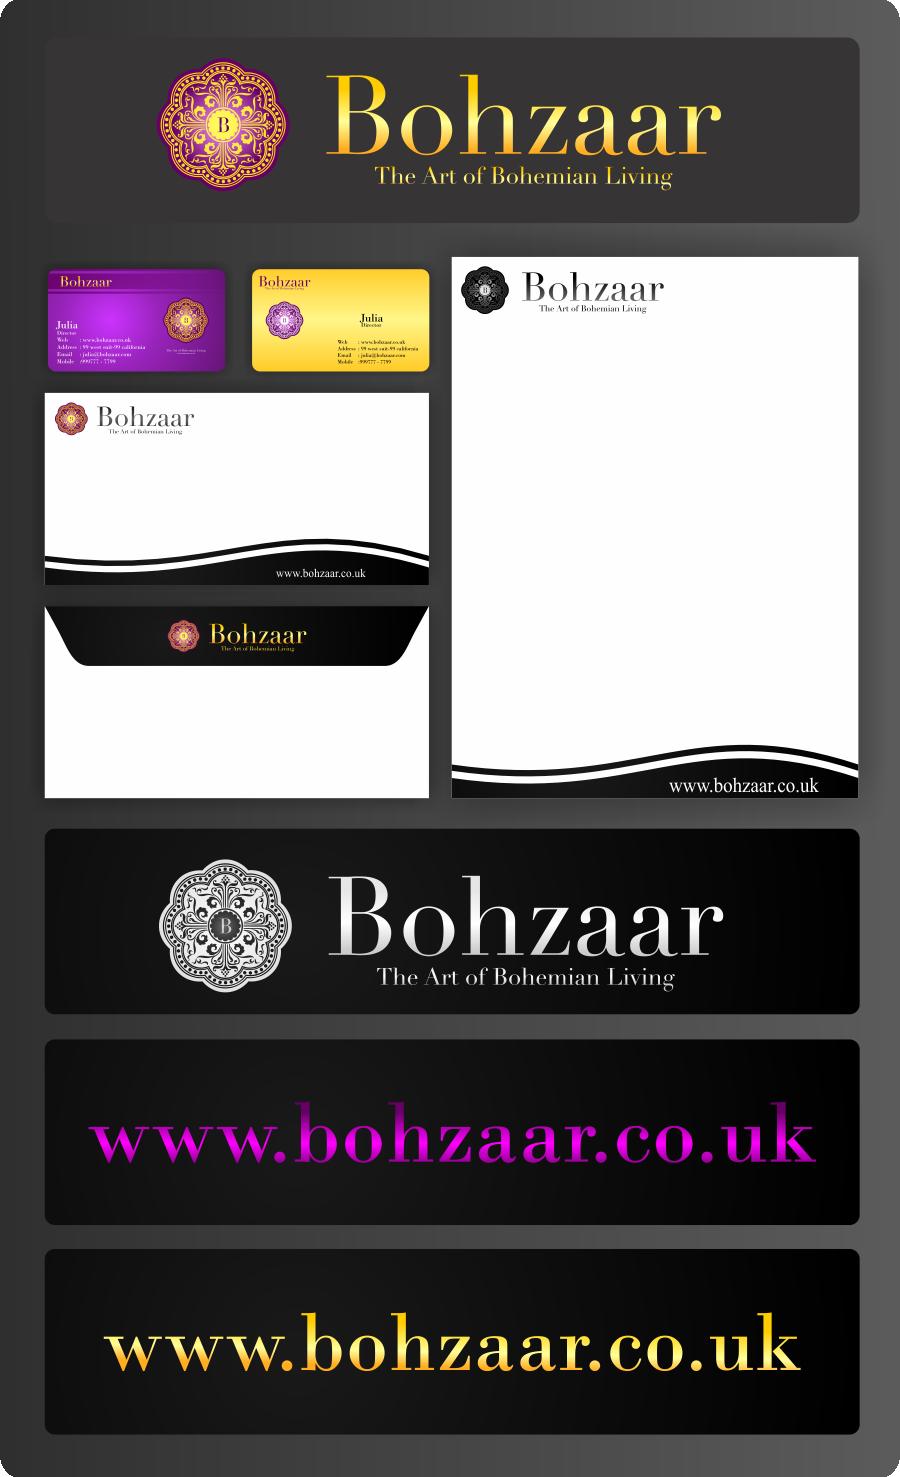 Help Bohzaar with a new logo